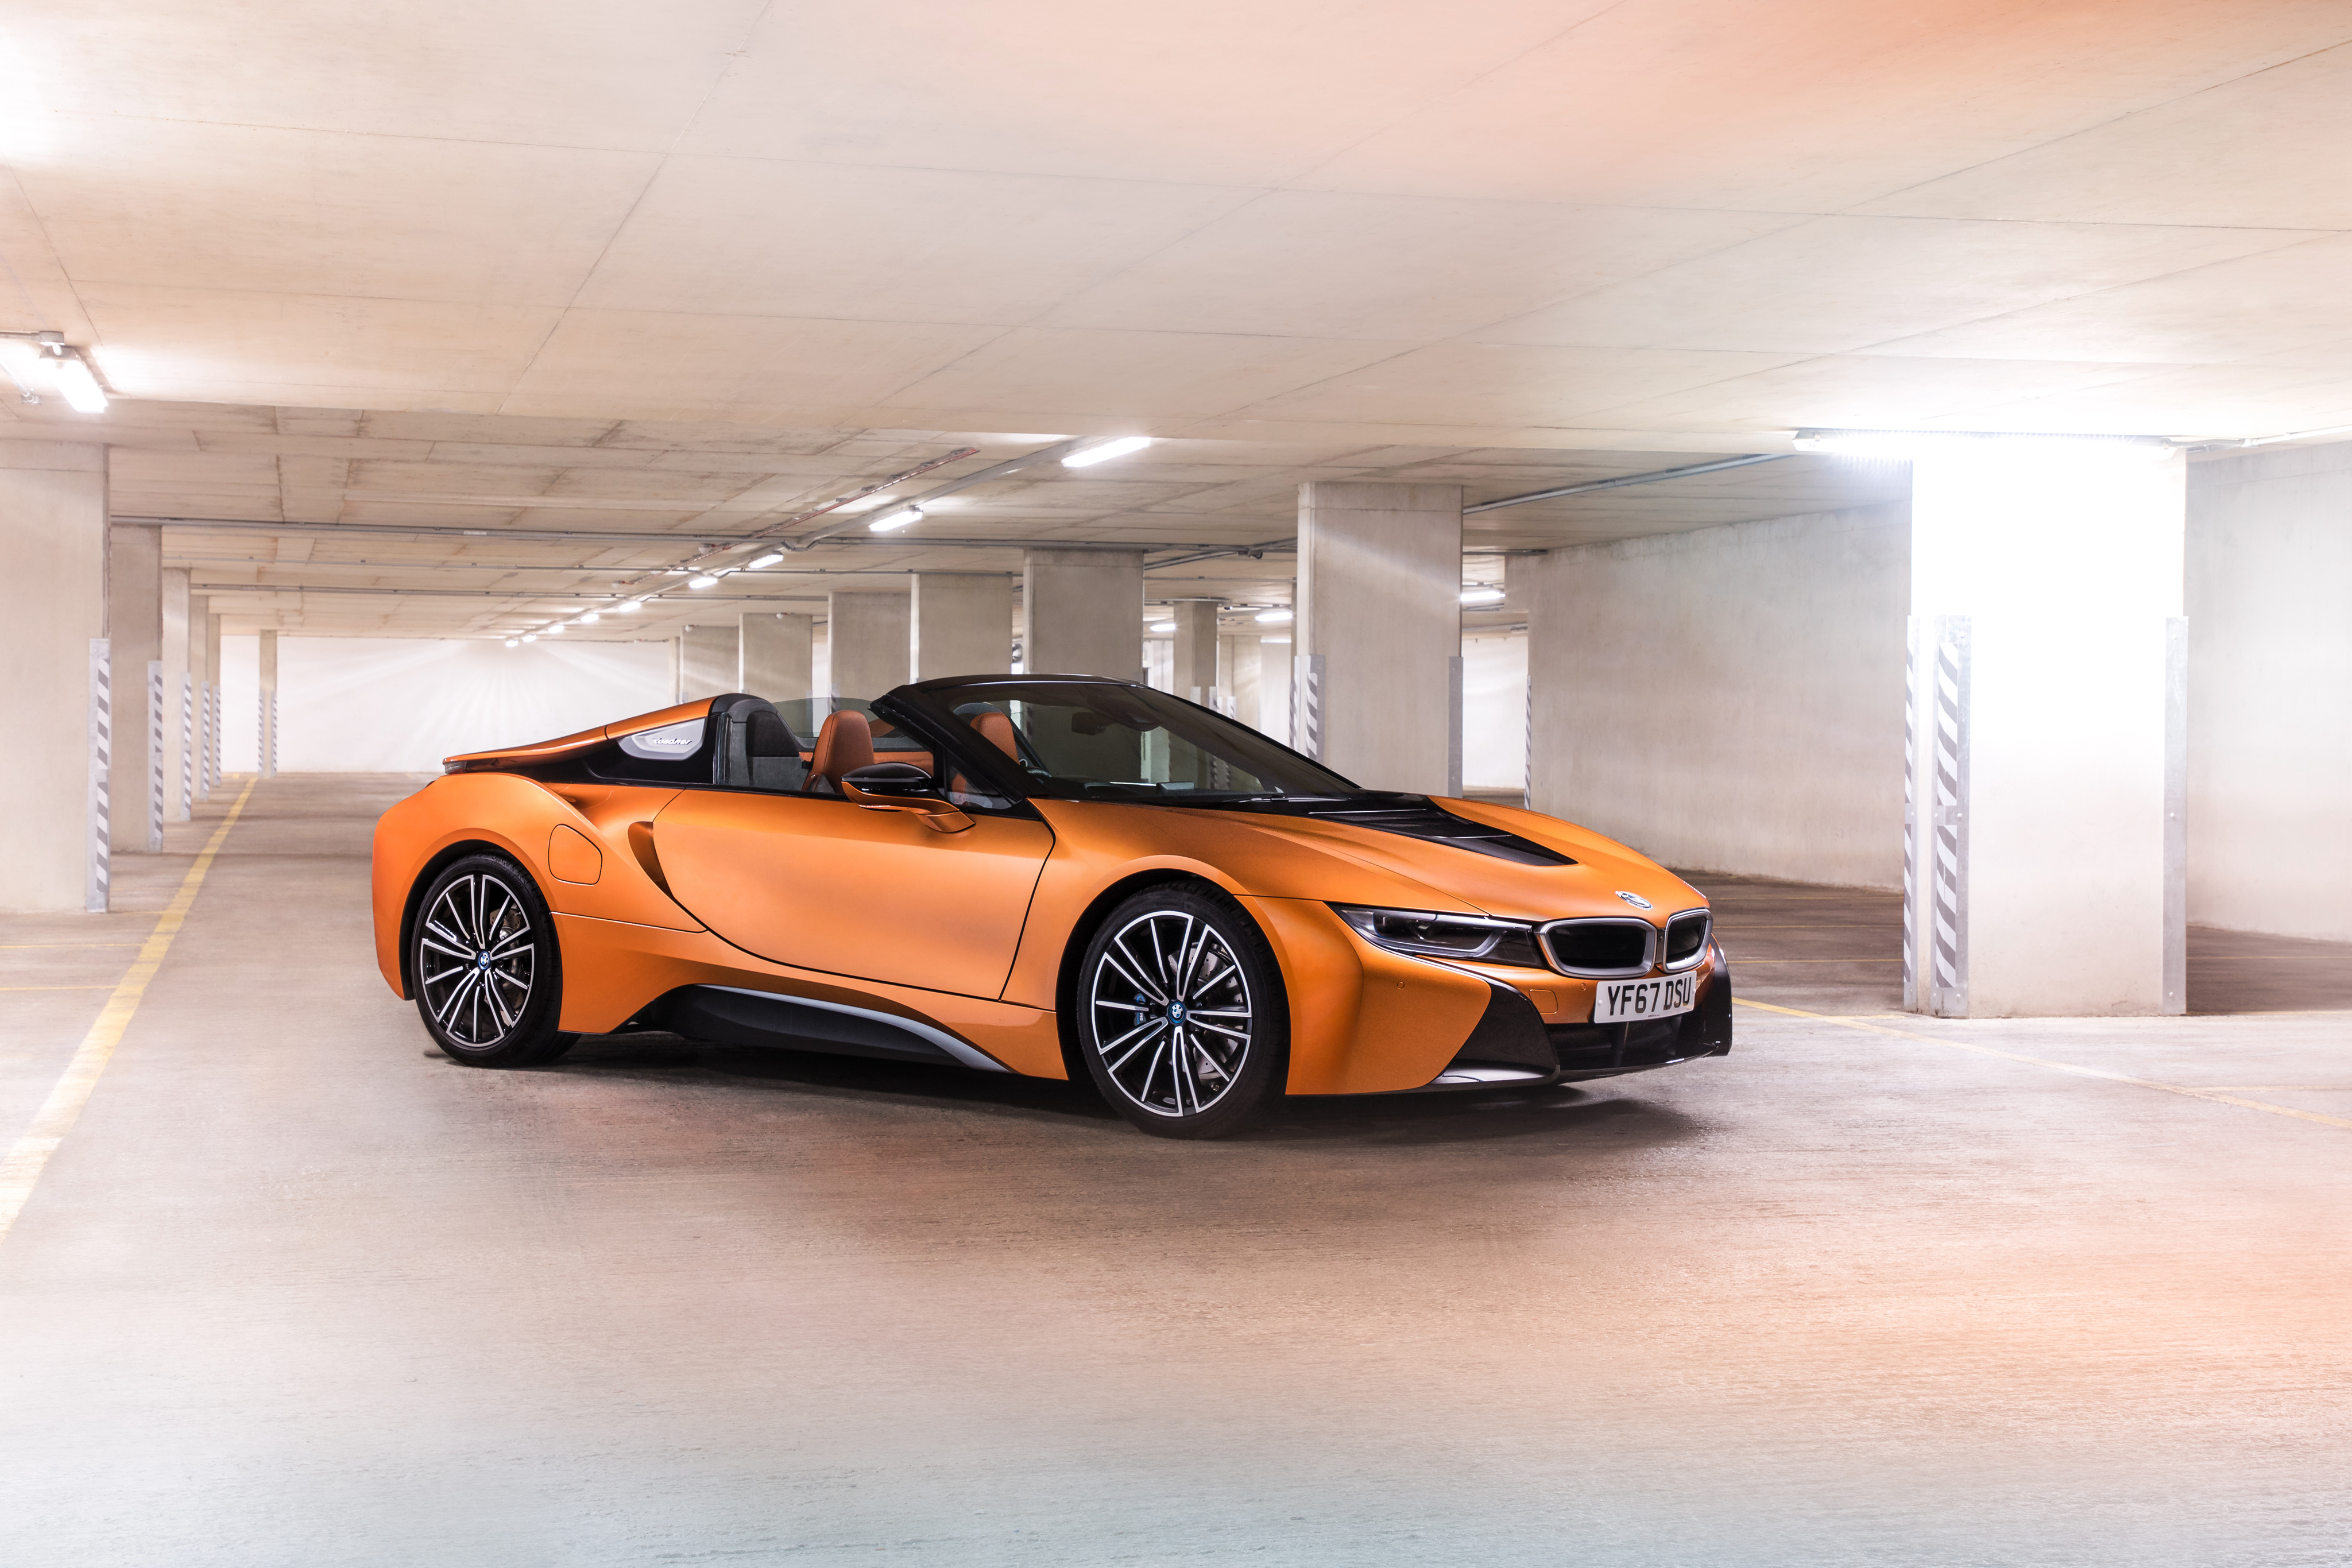 Фото BMW 2018 i8 Roadster Родстер Оранжевый авто 4096x2731 БМВ оранжевых оранжевые оранжевая машина машины автомобиль Автомобили